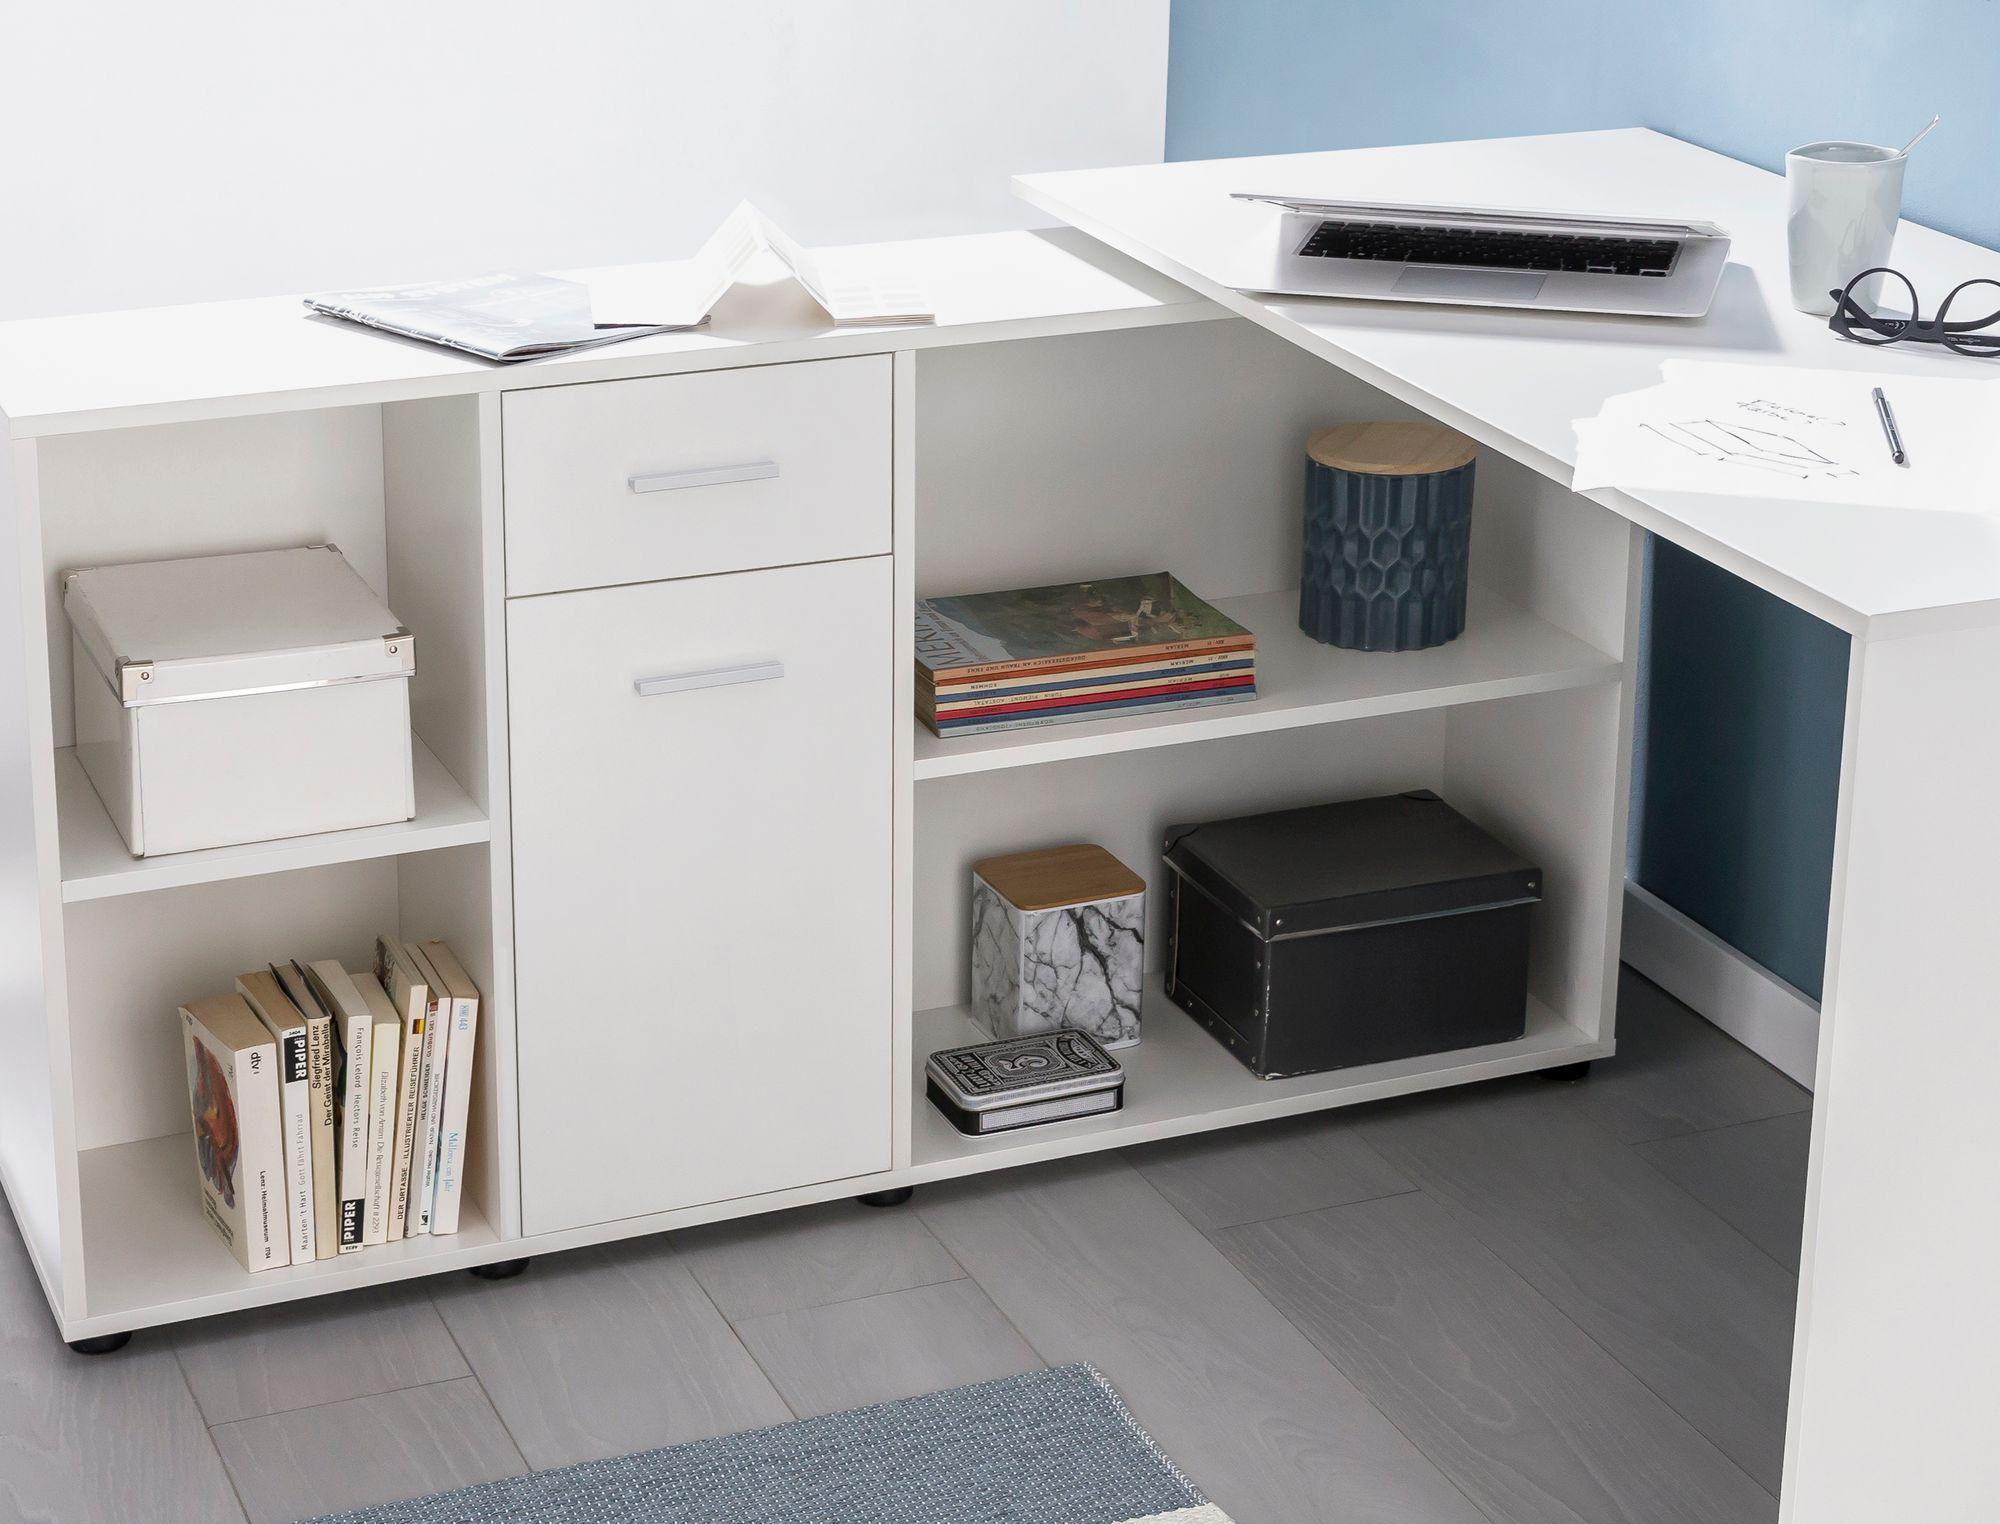 Full Size of Regal Schreibtisch Kombi Mit Integriert Kombination Ikea Integriertem Selber Bauen Regalaufsatz Klappbar Finebuy Schreibtischkombination Eckschreibtisch Regal Regal Schreibtisch